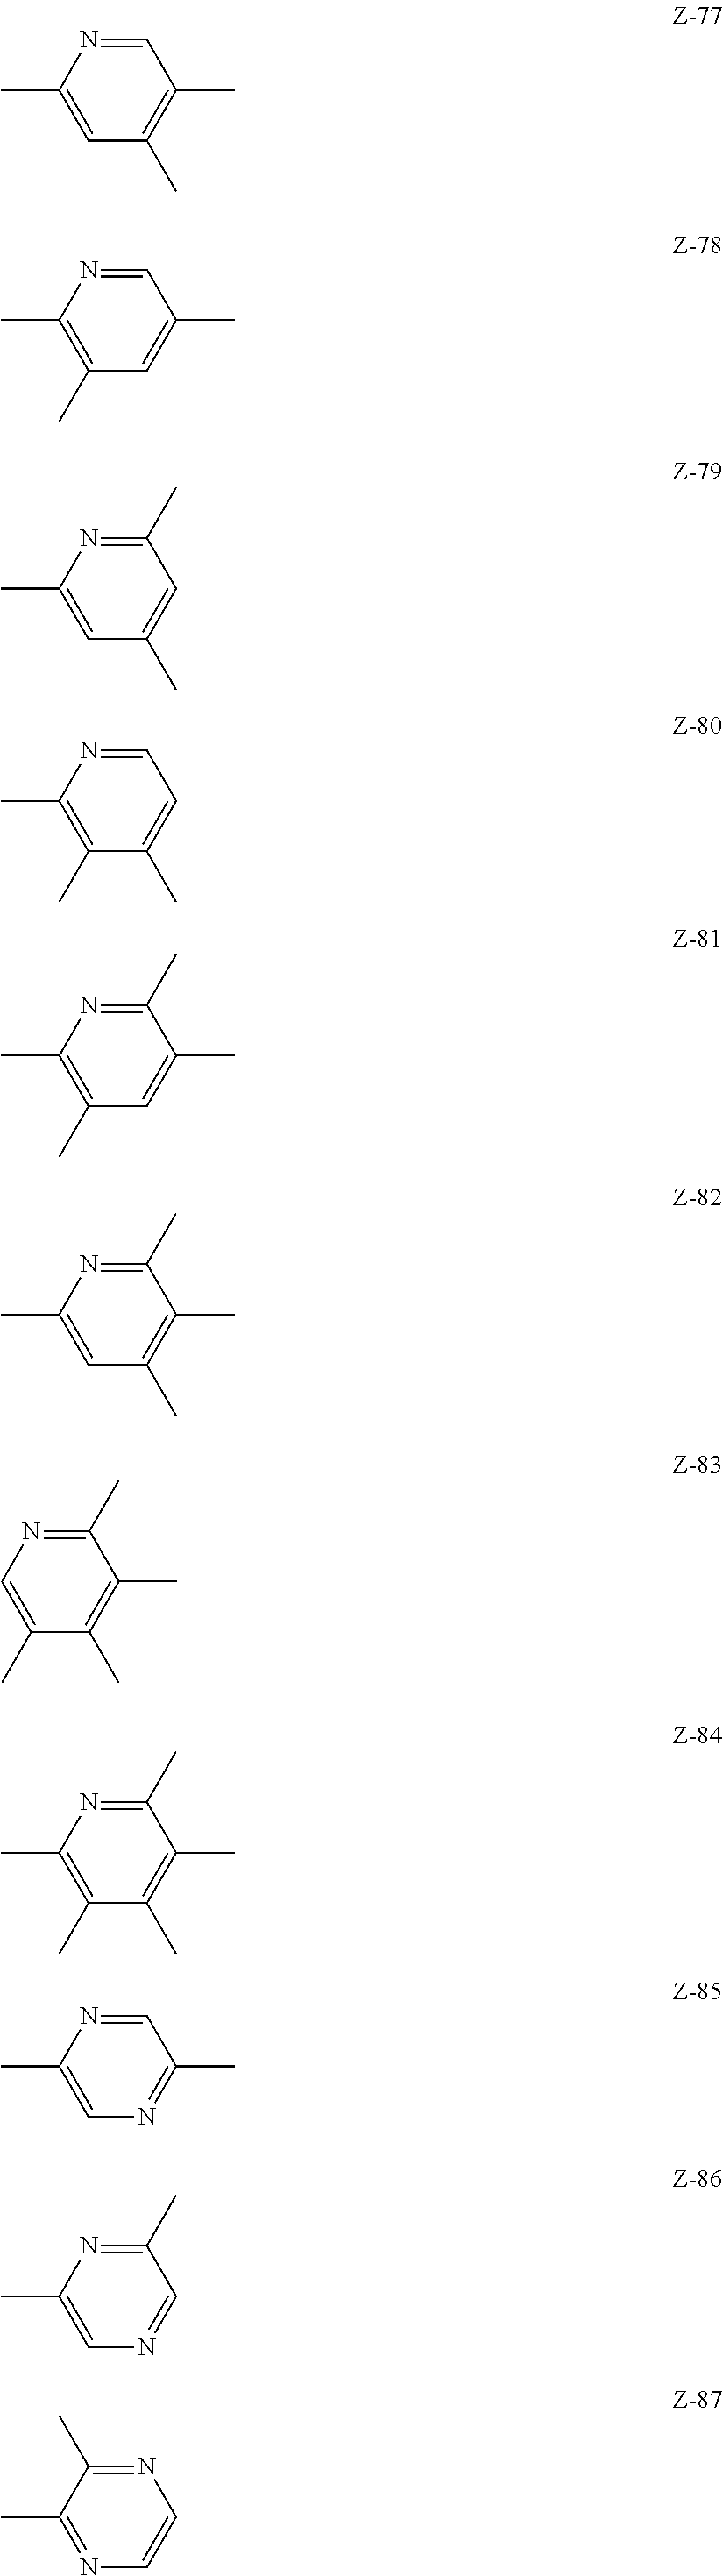 Figure US20110215312A1-20110908-C00040